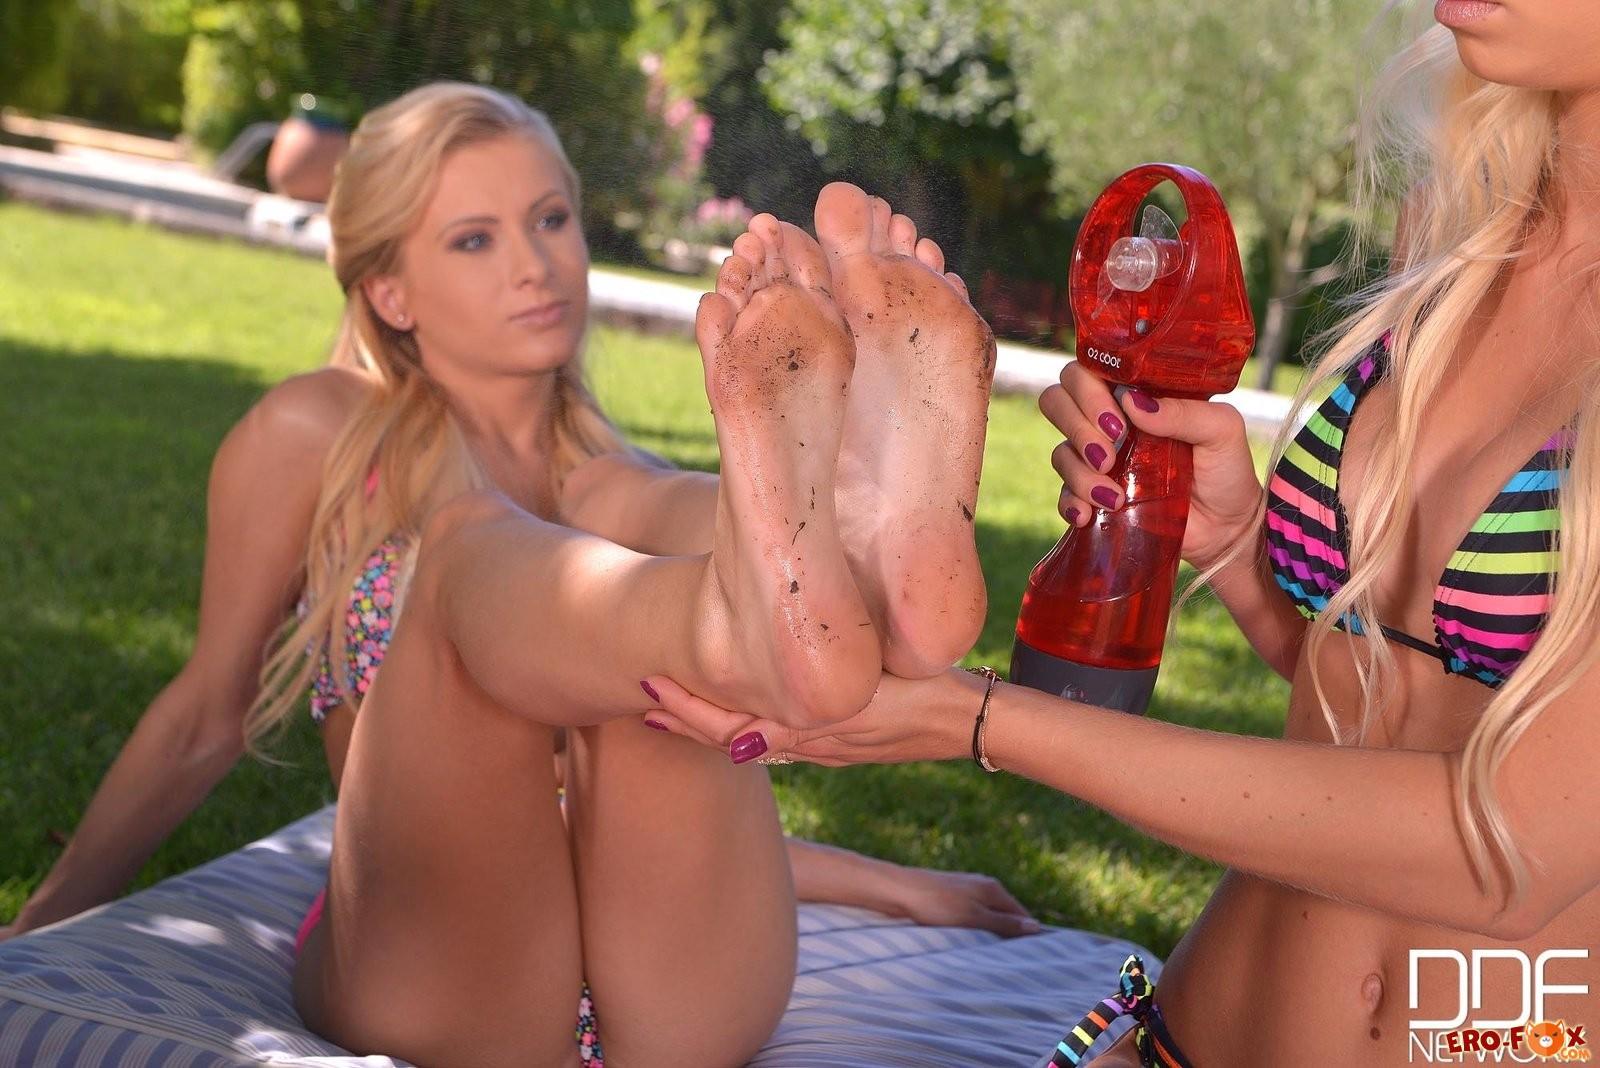 Девушка лижет ноги подругесмотреть фото эротику.